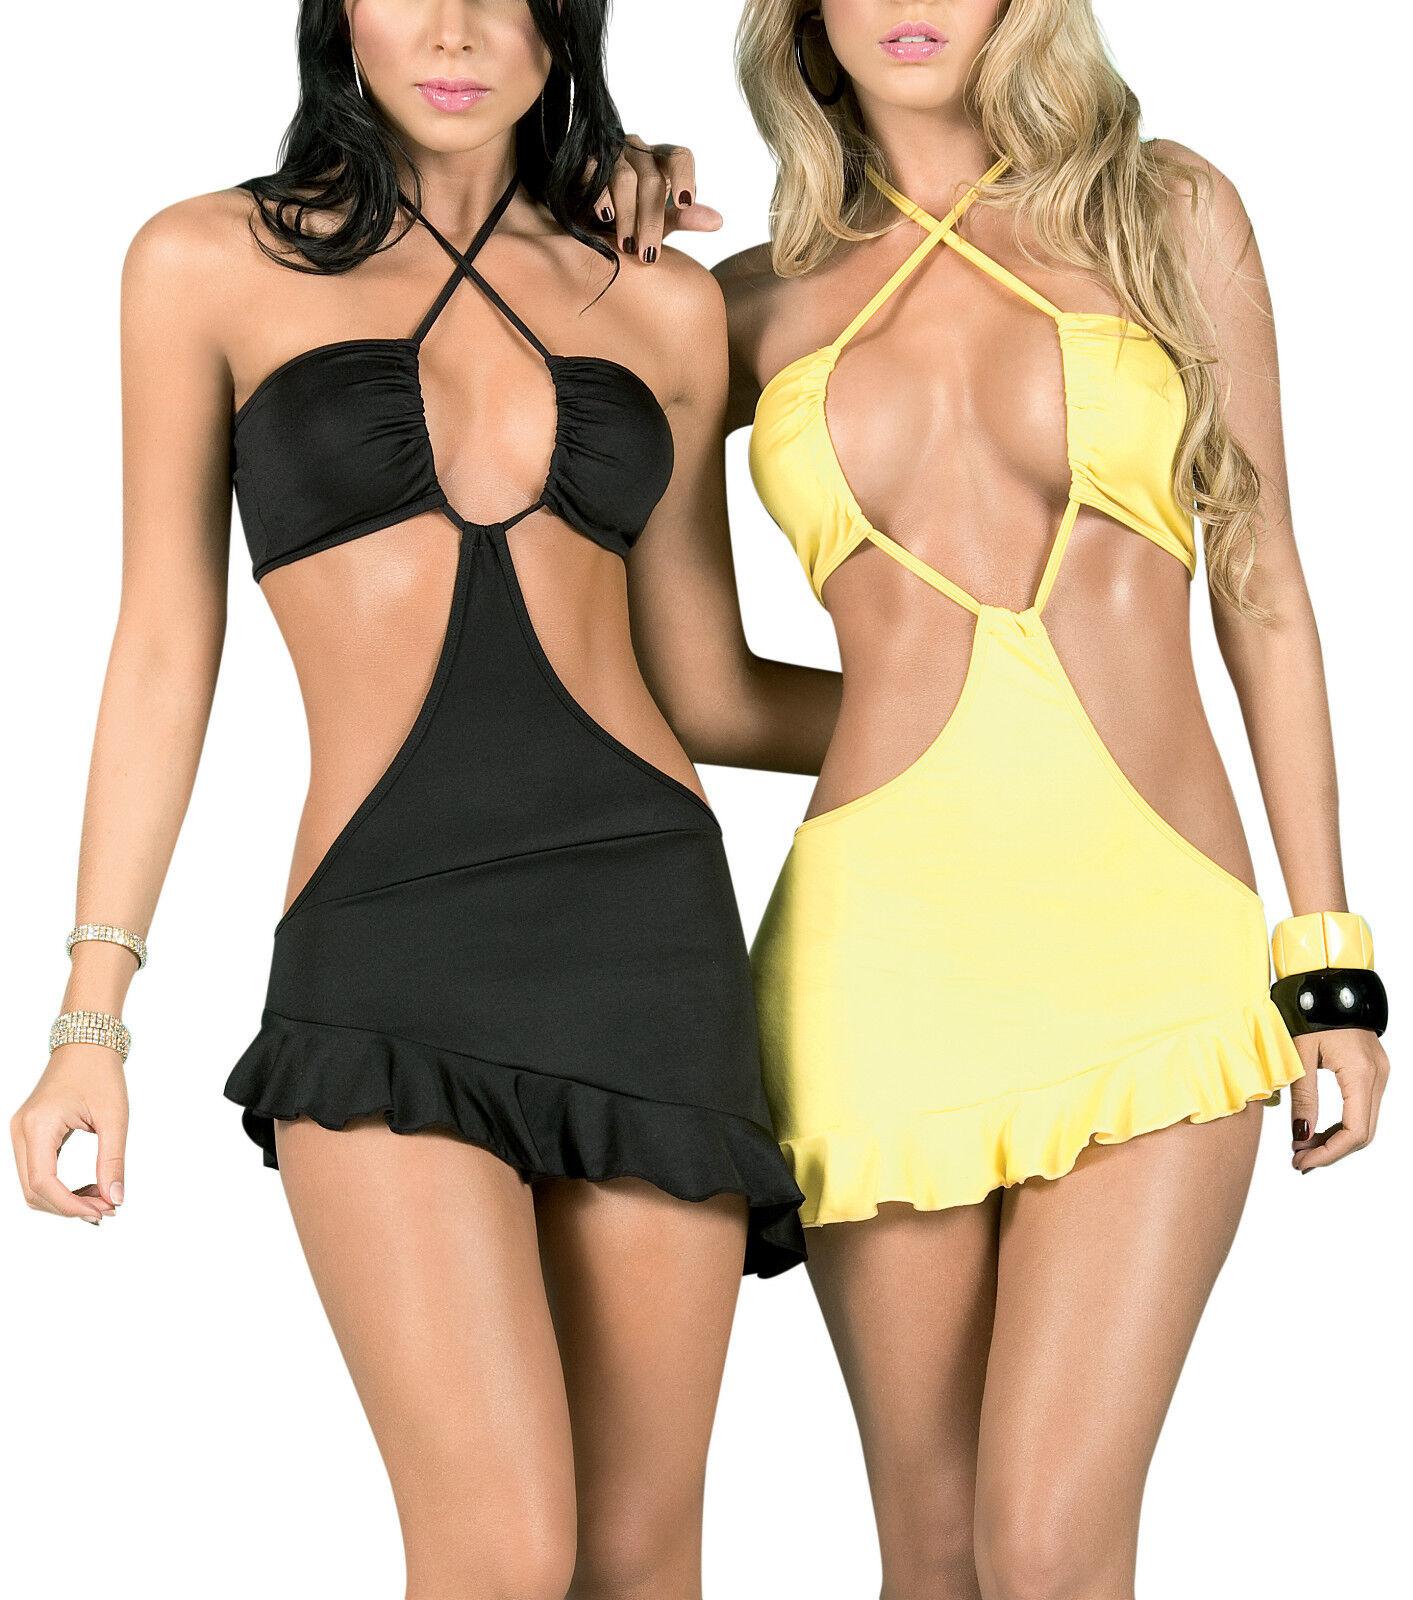 Nwt 4024 Sexy Schwarz Gelb Hot Clubwear Tanz Exotischer Rabe Minikleid Top L XL